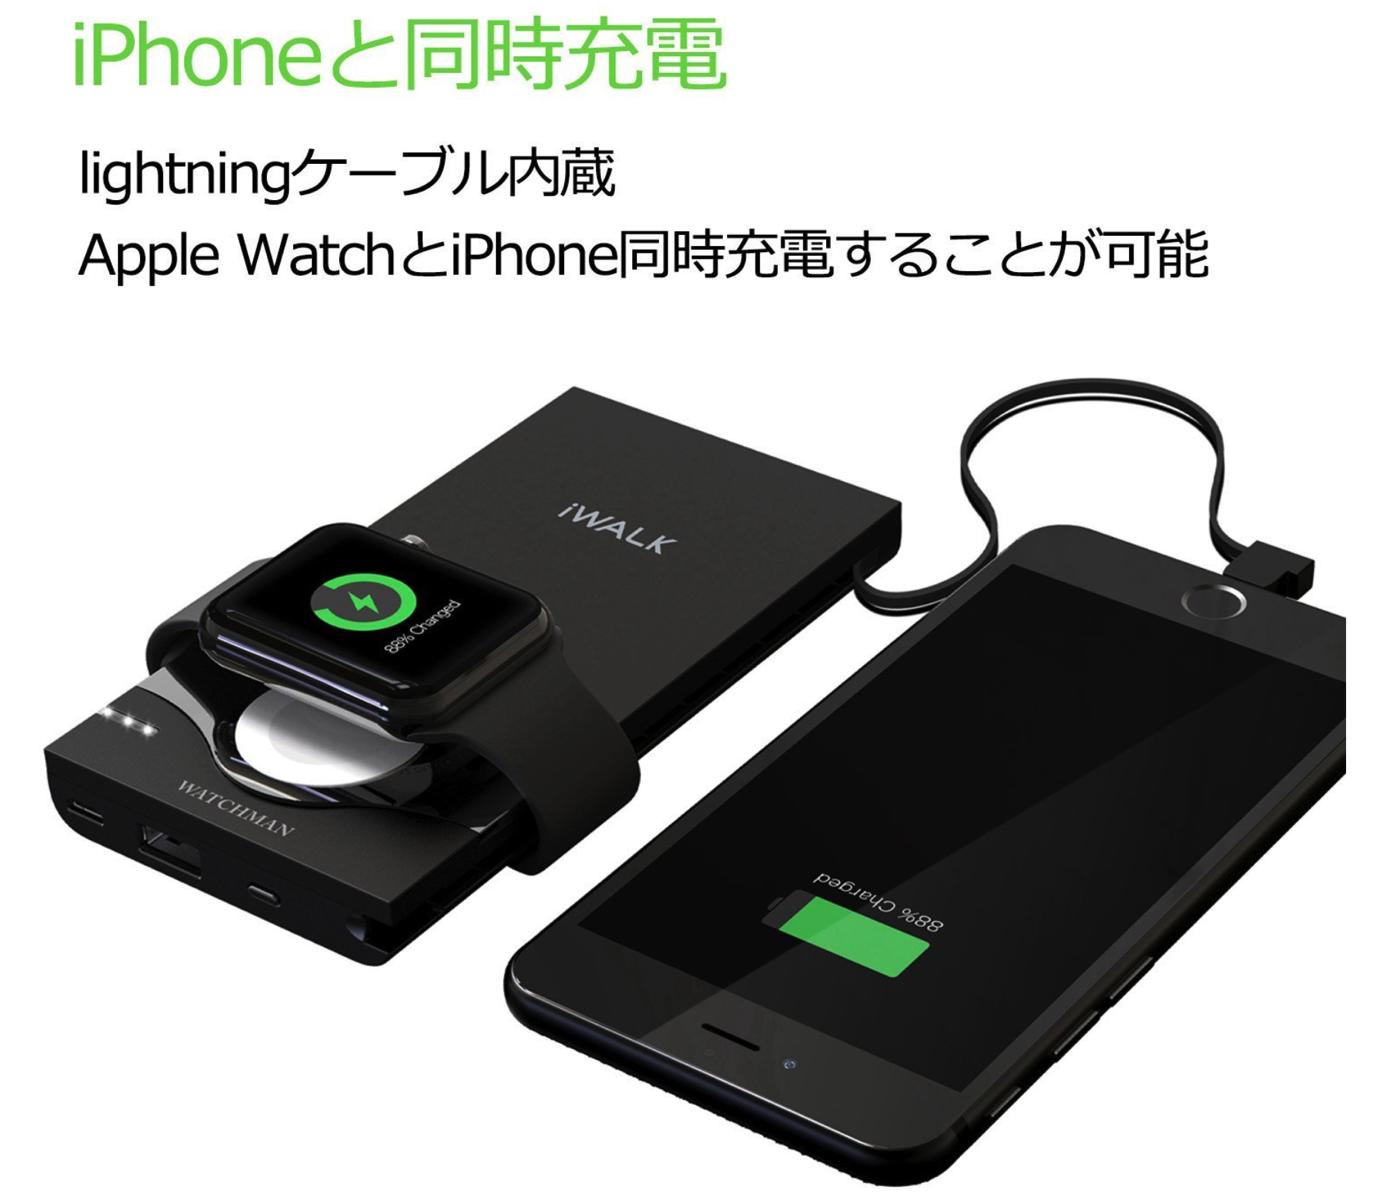 ライトニング(Lightning)ケーブル内蔵 iPhone/Apple Watch同時充電可能な大容量10000mAhのモバイルバッテリー-3